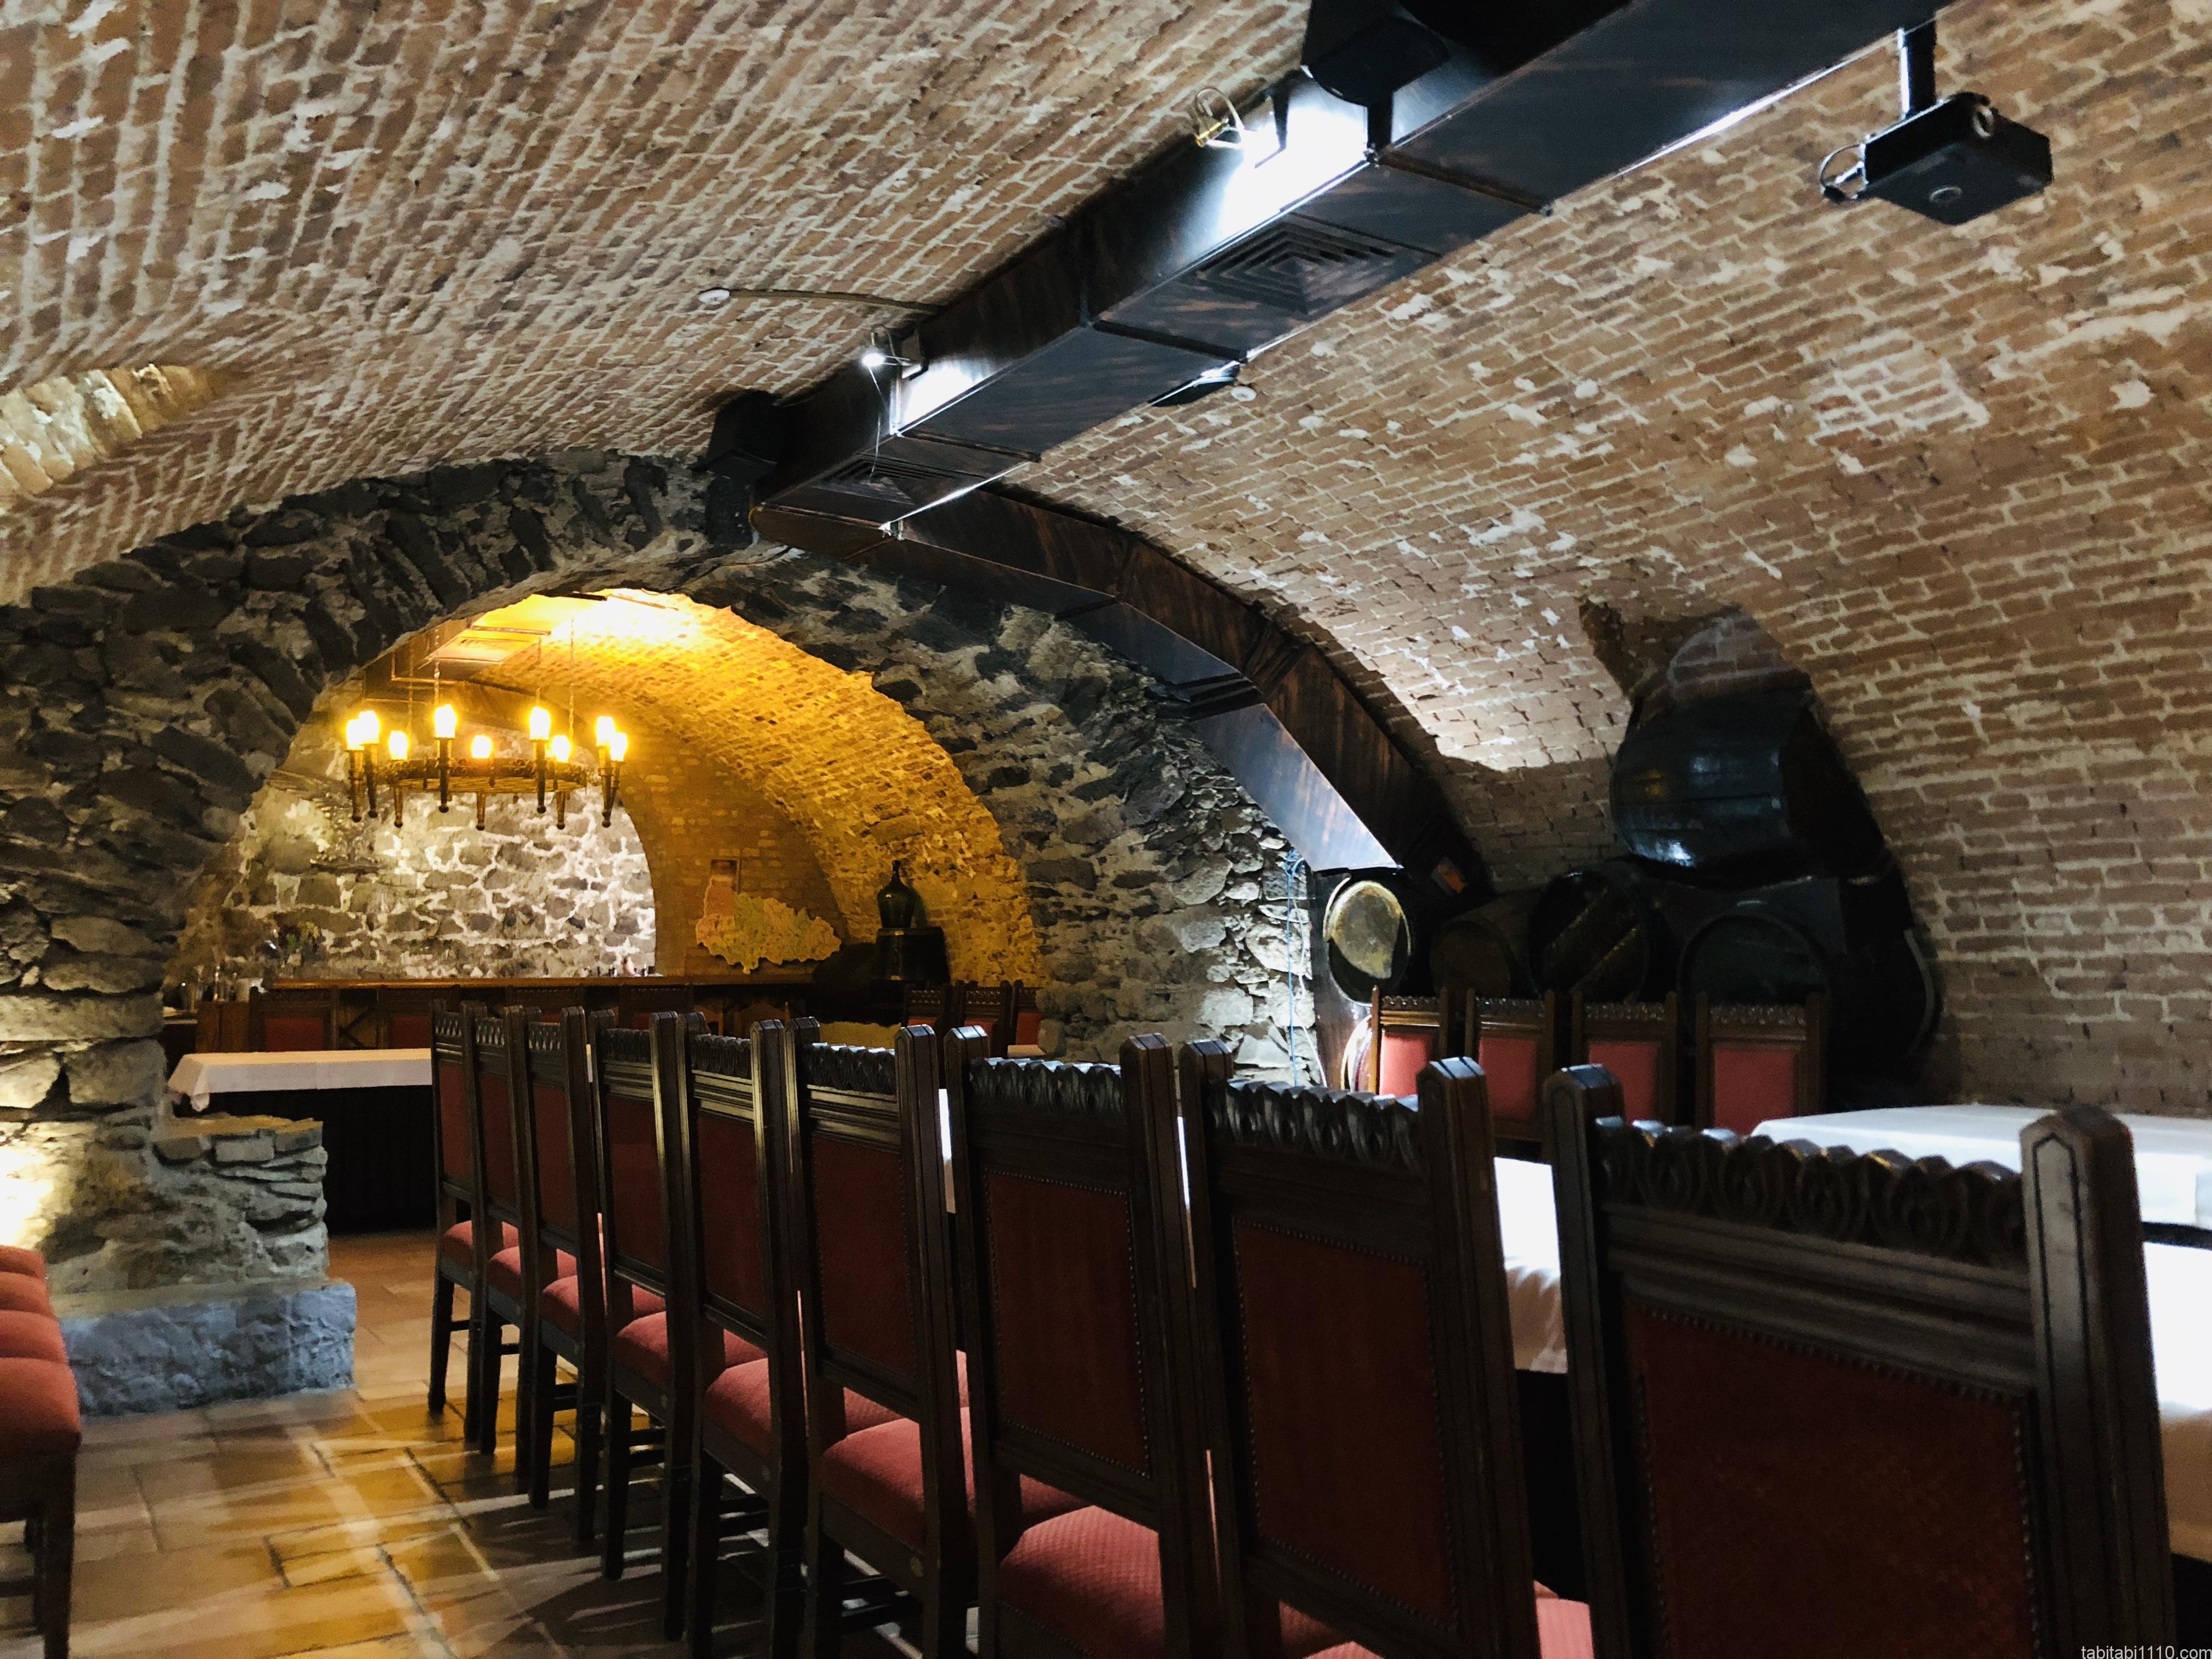 ウジホロド城|ワイン試飲店内